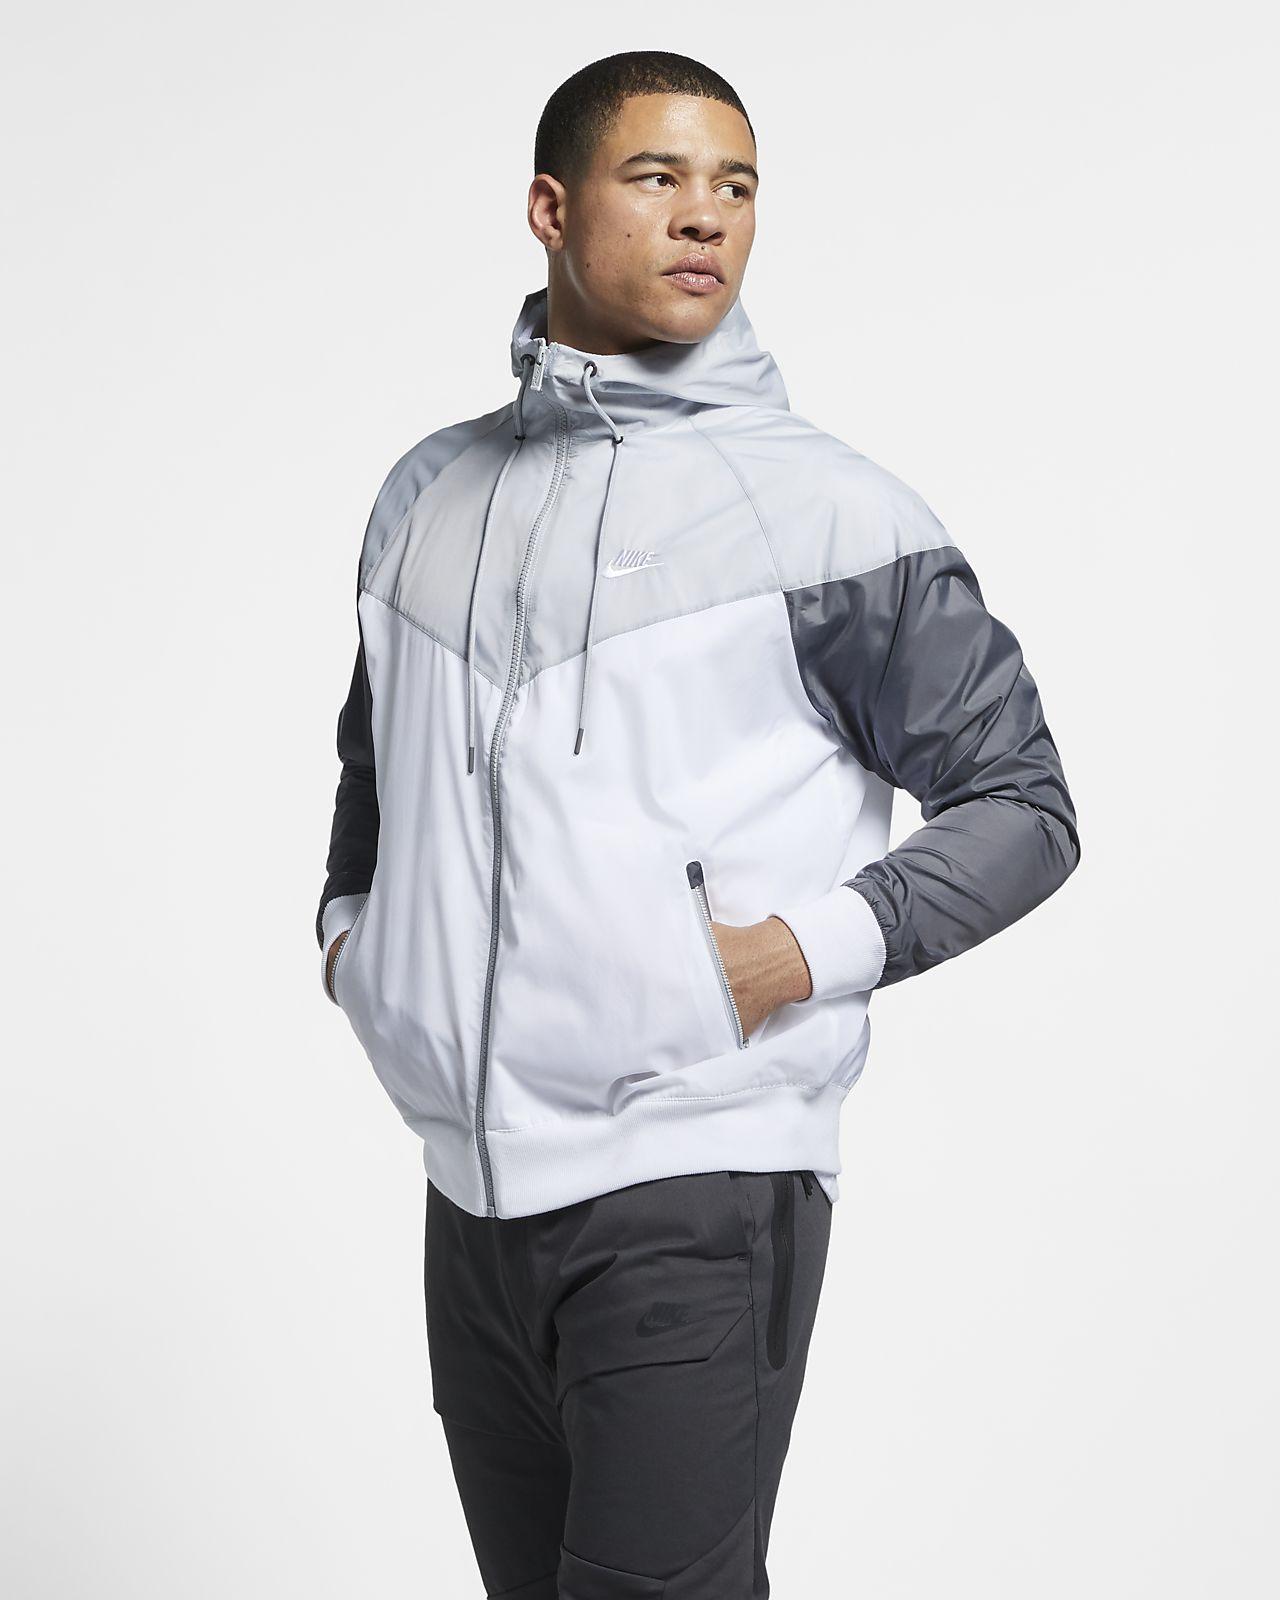 Giacca Nike Windrunner Sportswear Uomo Con Cappuccio 6qFx6r